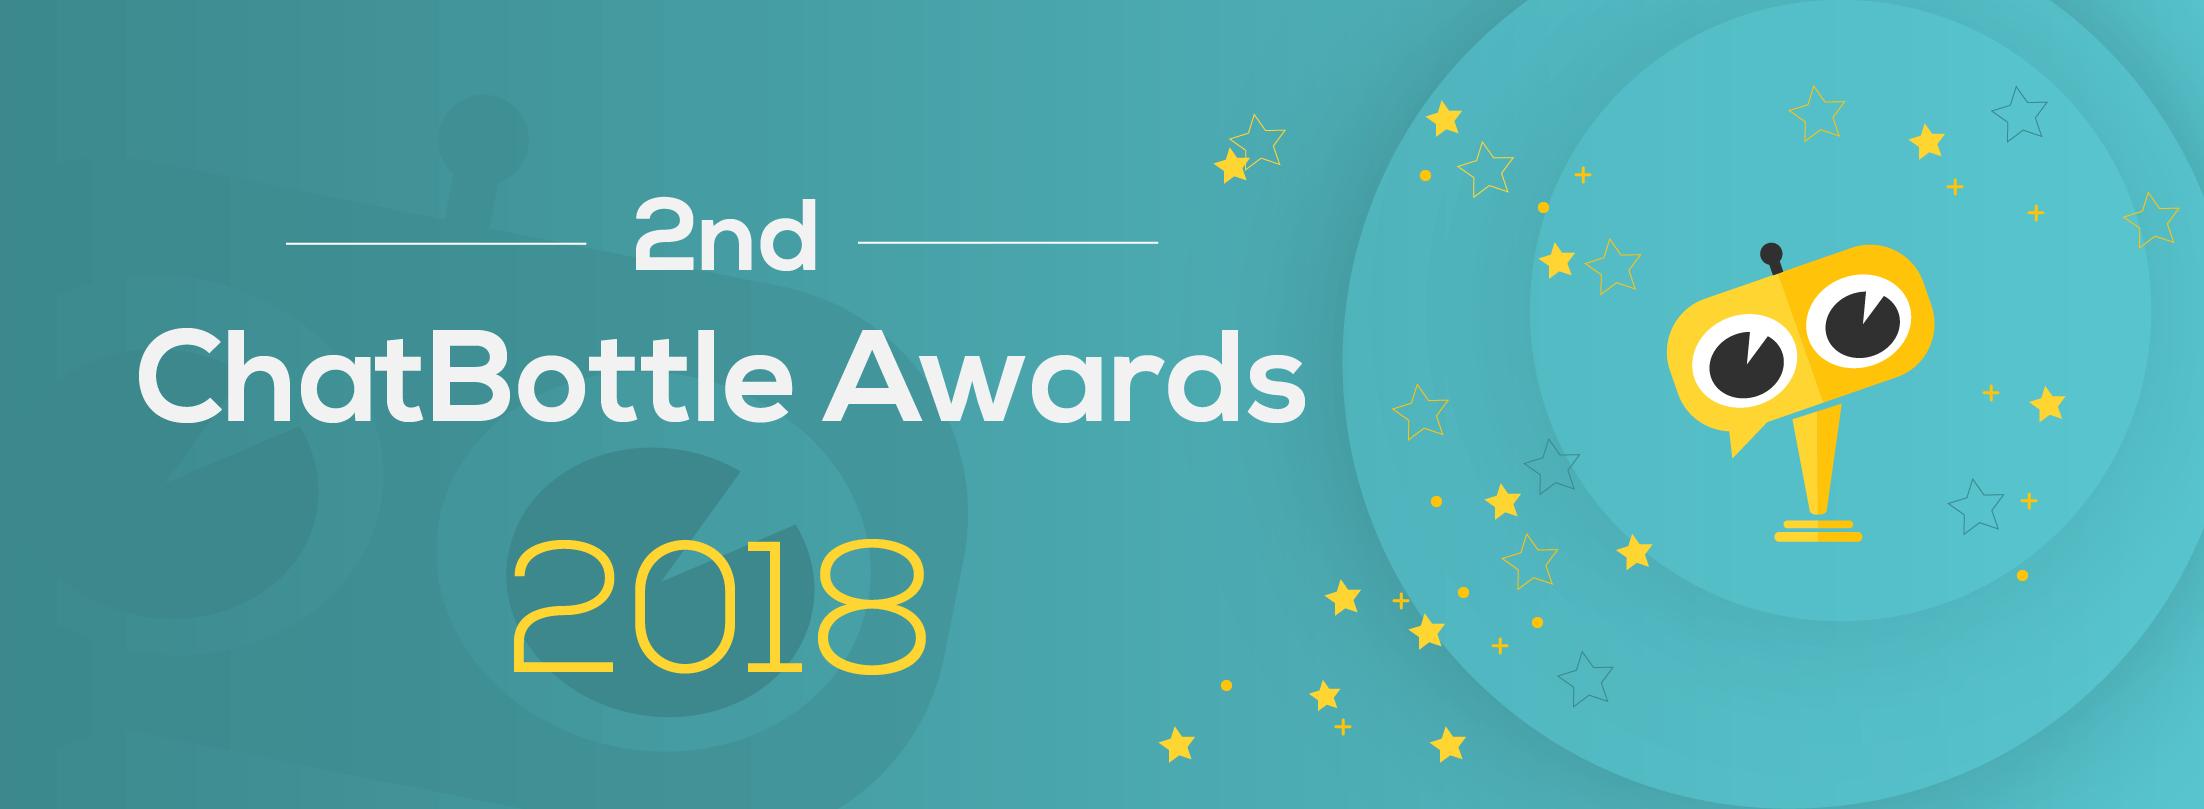 2nd ChatBottle Awards